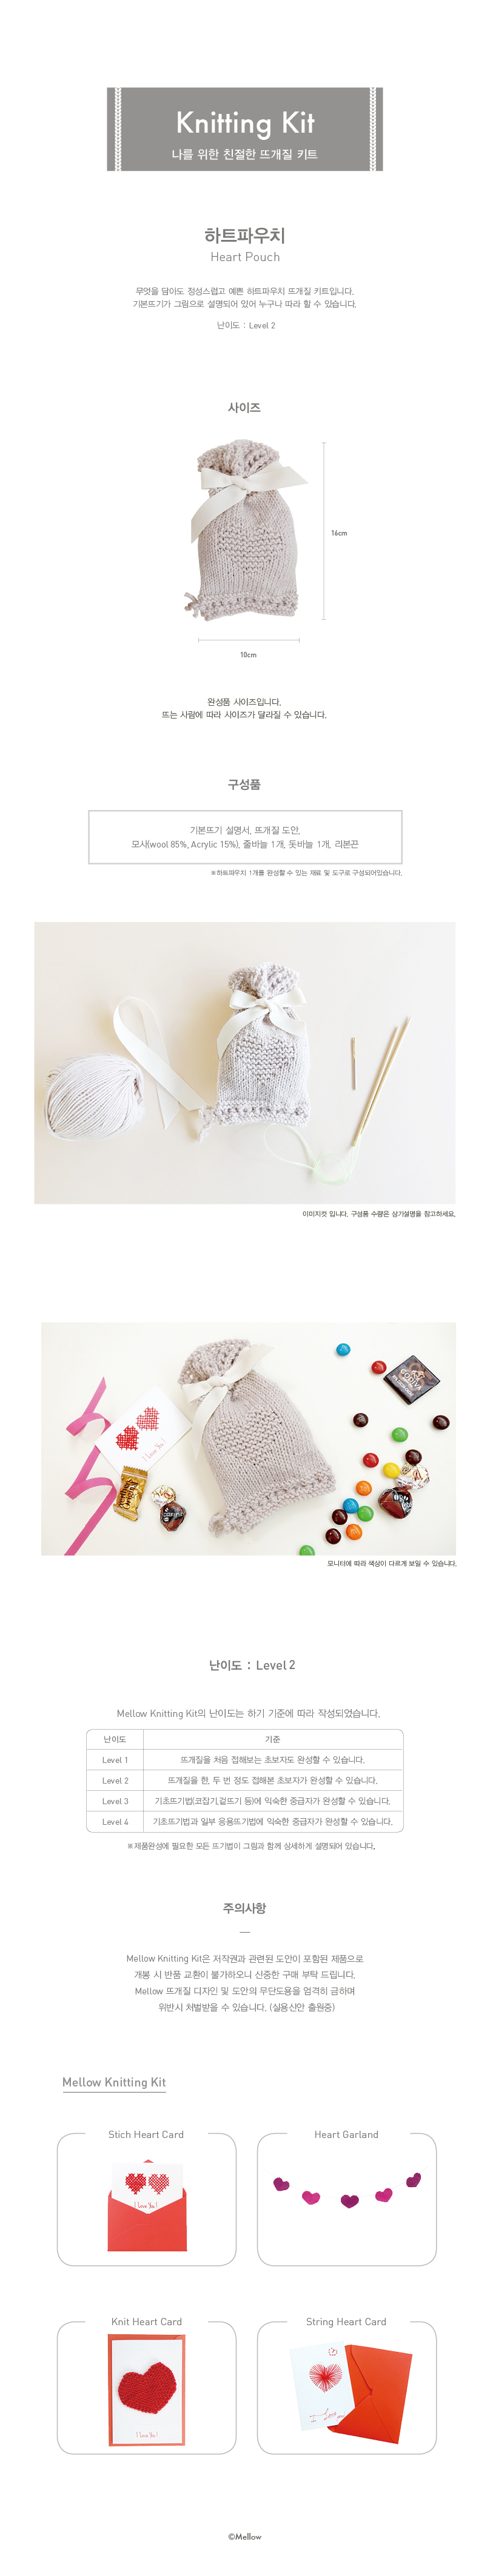 니팅키트 - 하트 파우치 - 멜로우, 17,000원, DIY아기용품, DIY아기용품